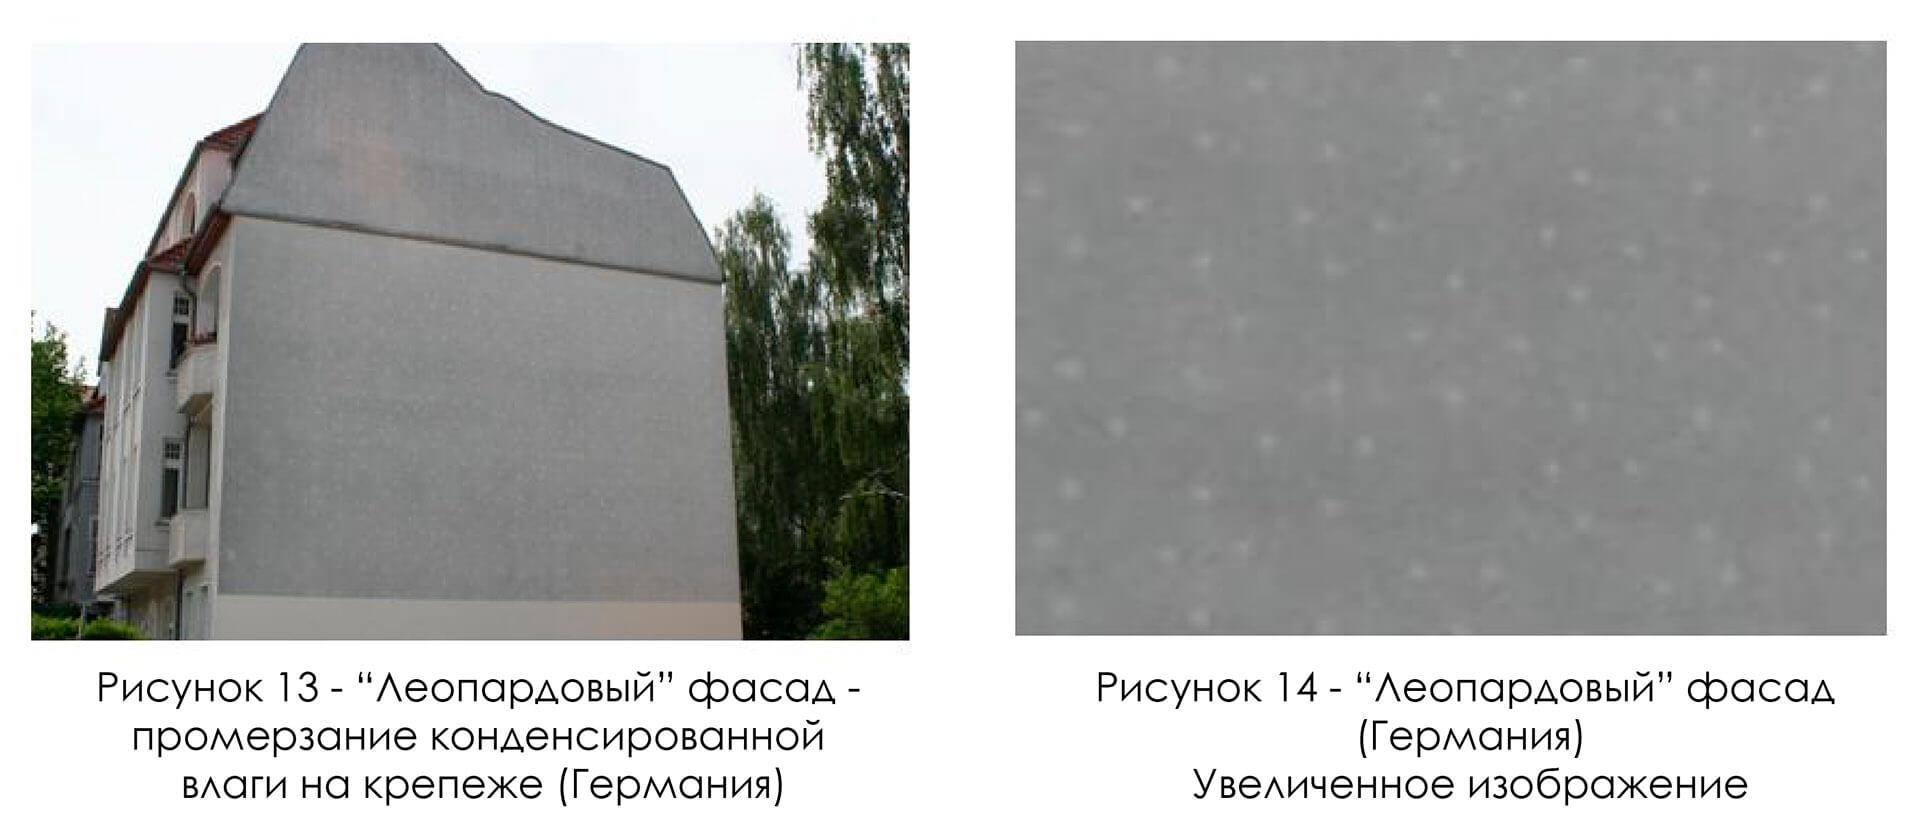 хорошо хранится фото промерзания фасада сочные